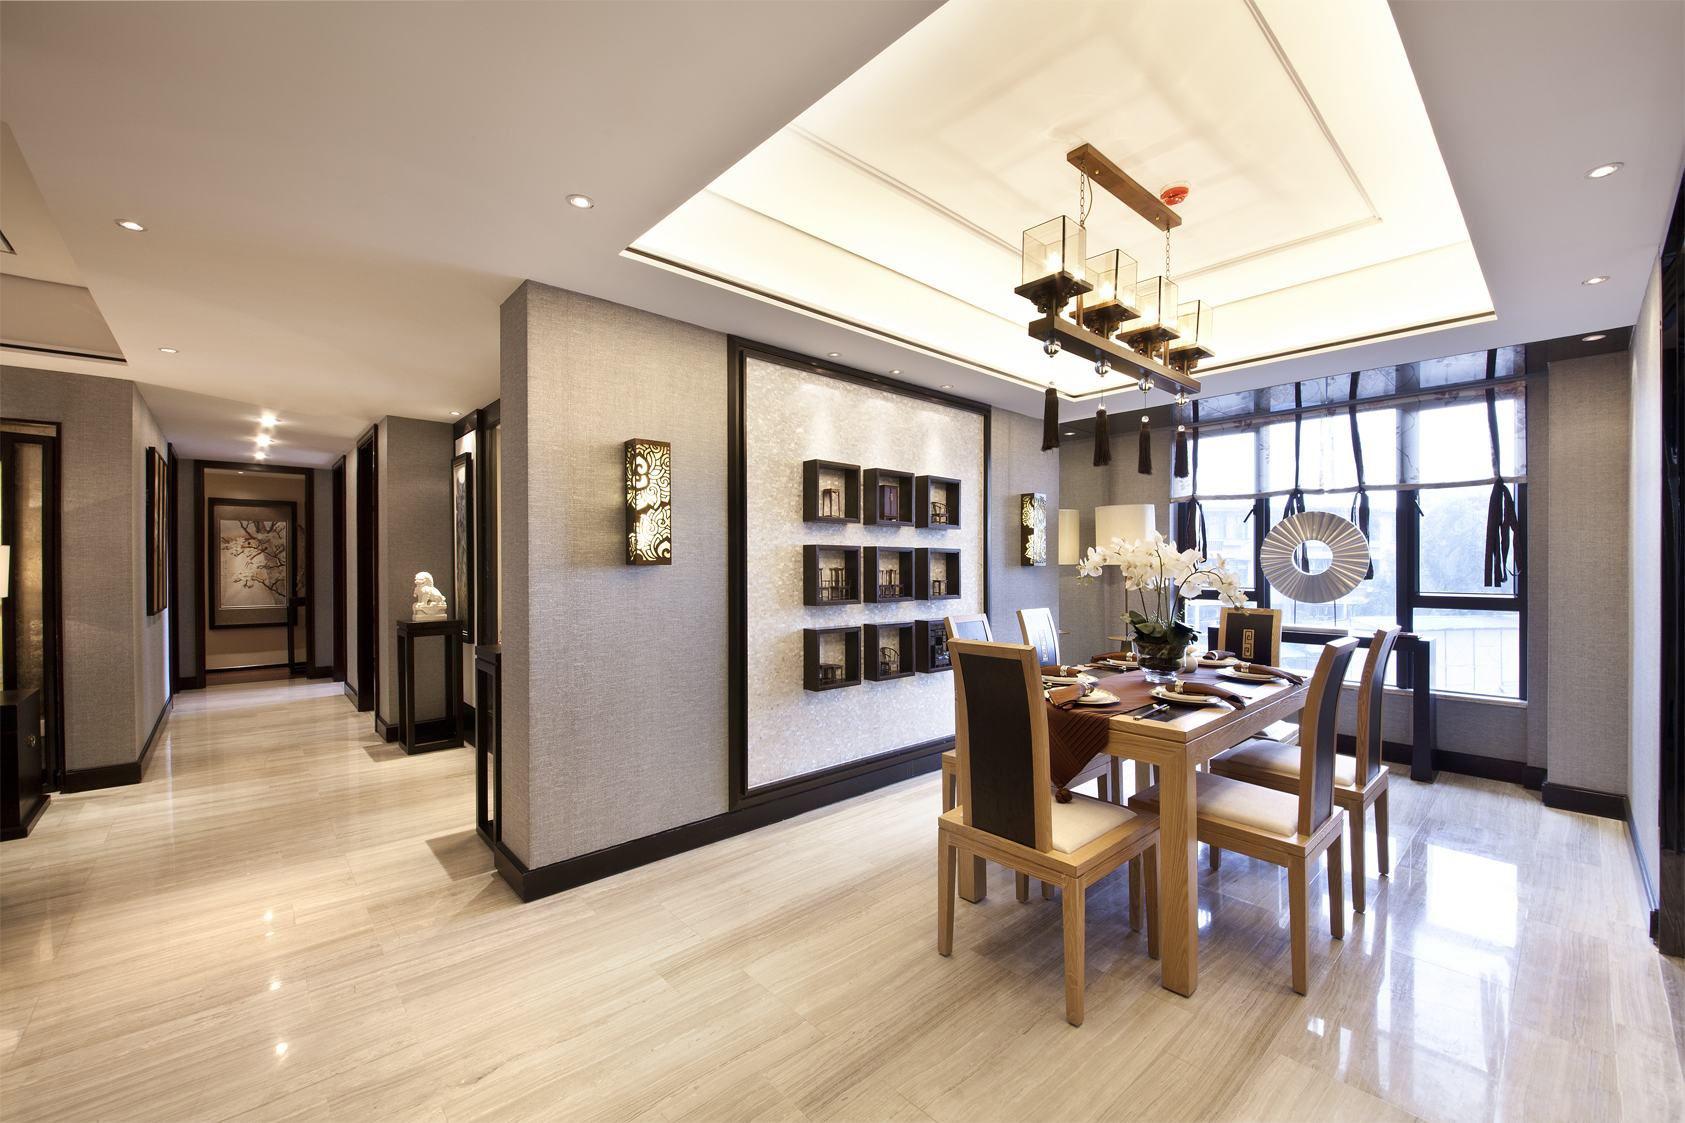 绵阳大气奢华新中式样板房,温馨之家!逸品装饰图片